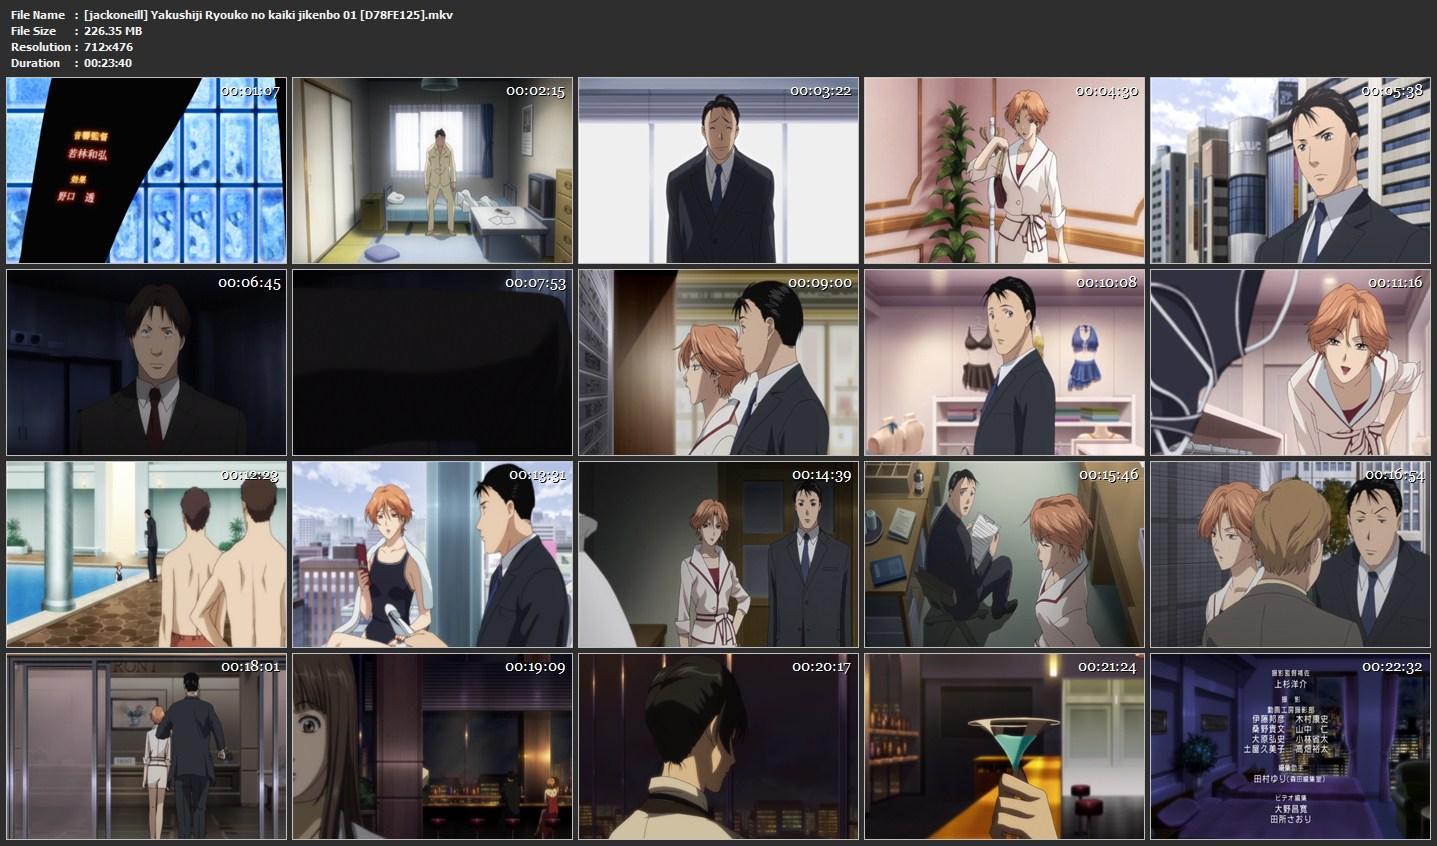 Images of Yakushiji Ryouko No Kaiki Jikenbo | 1437x846